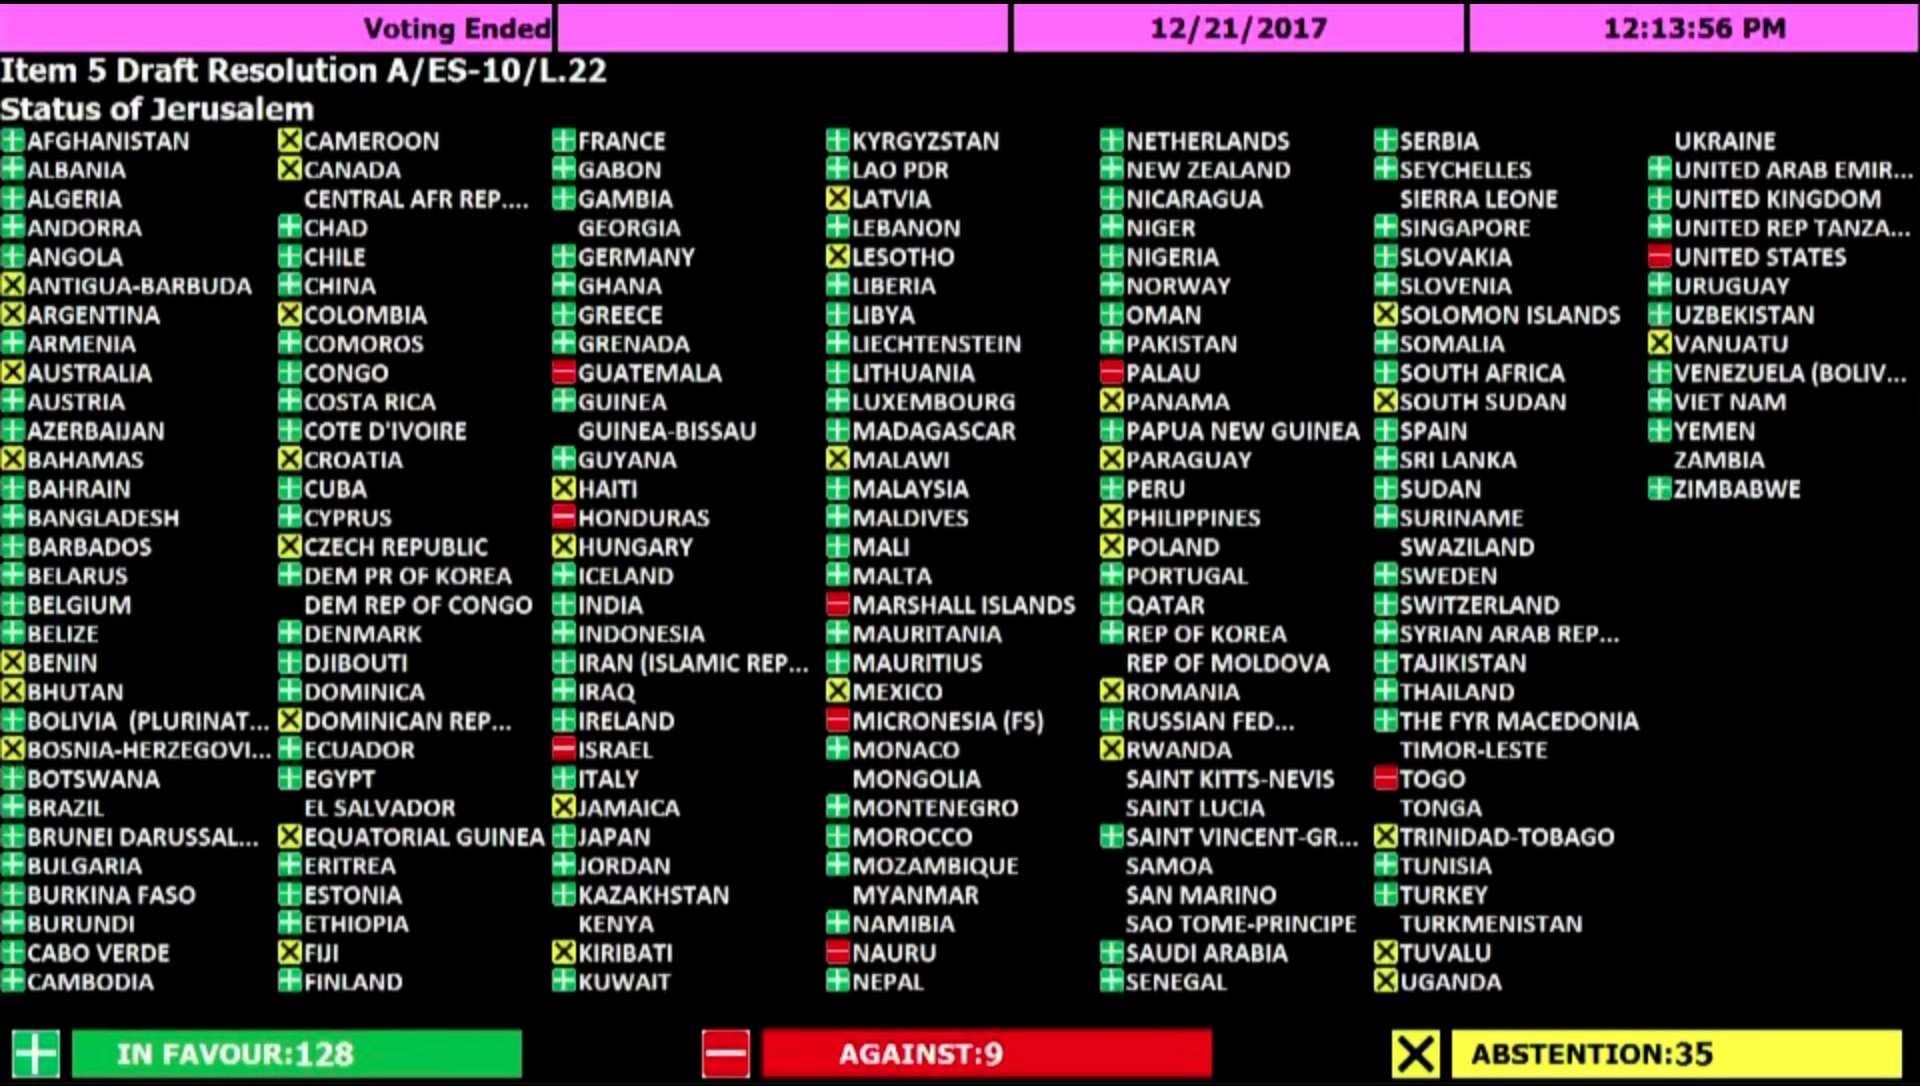 Генеральная Ассамблея ООН объявила недействительными любые решения по изменению статуса Иерусалима